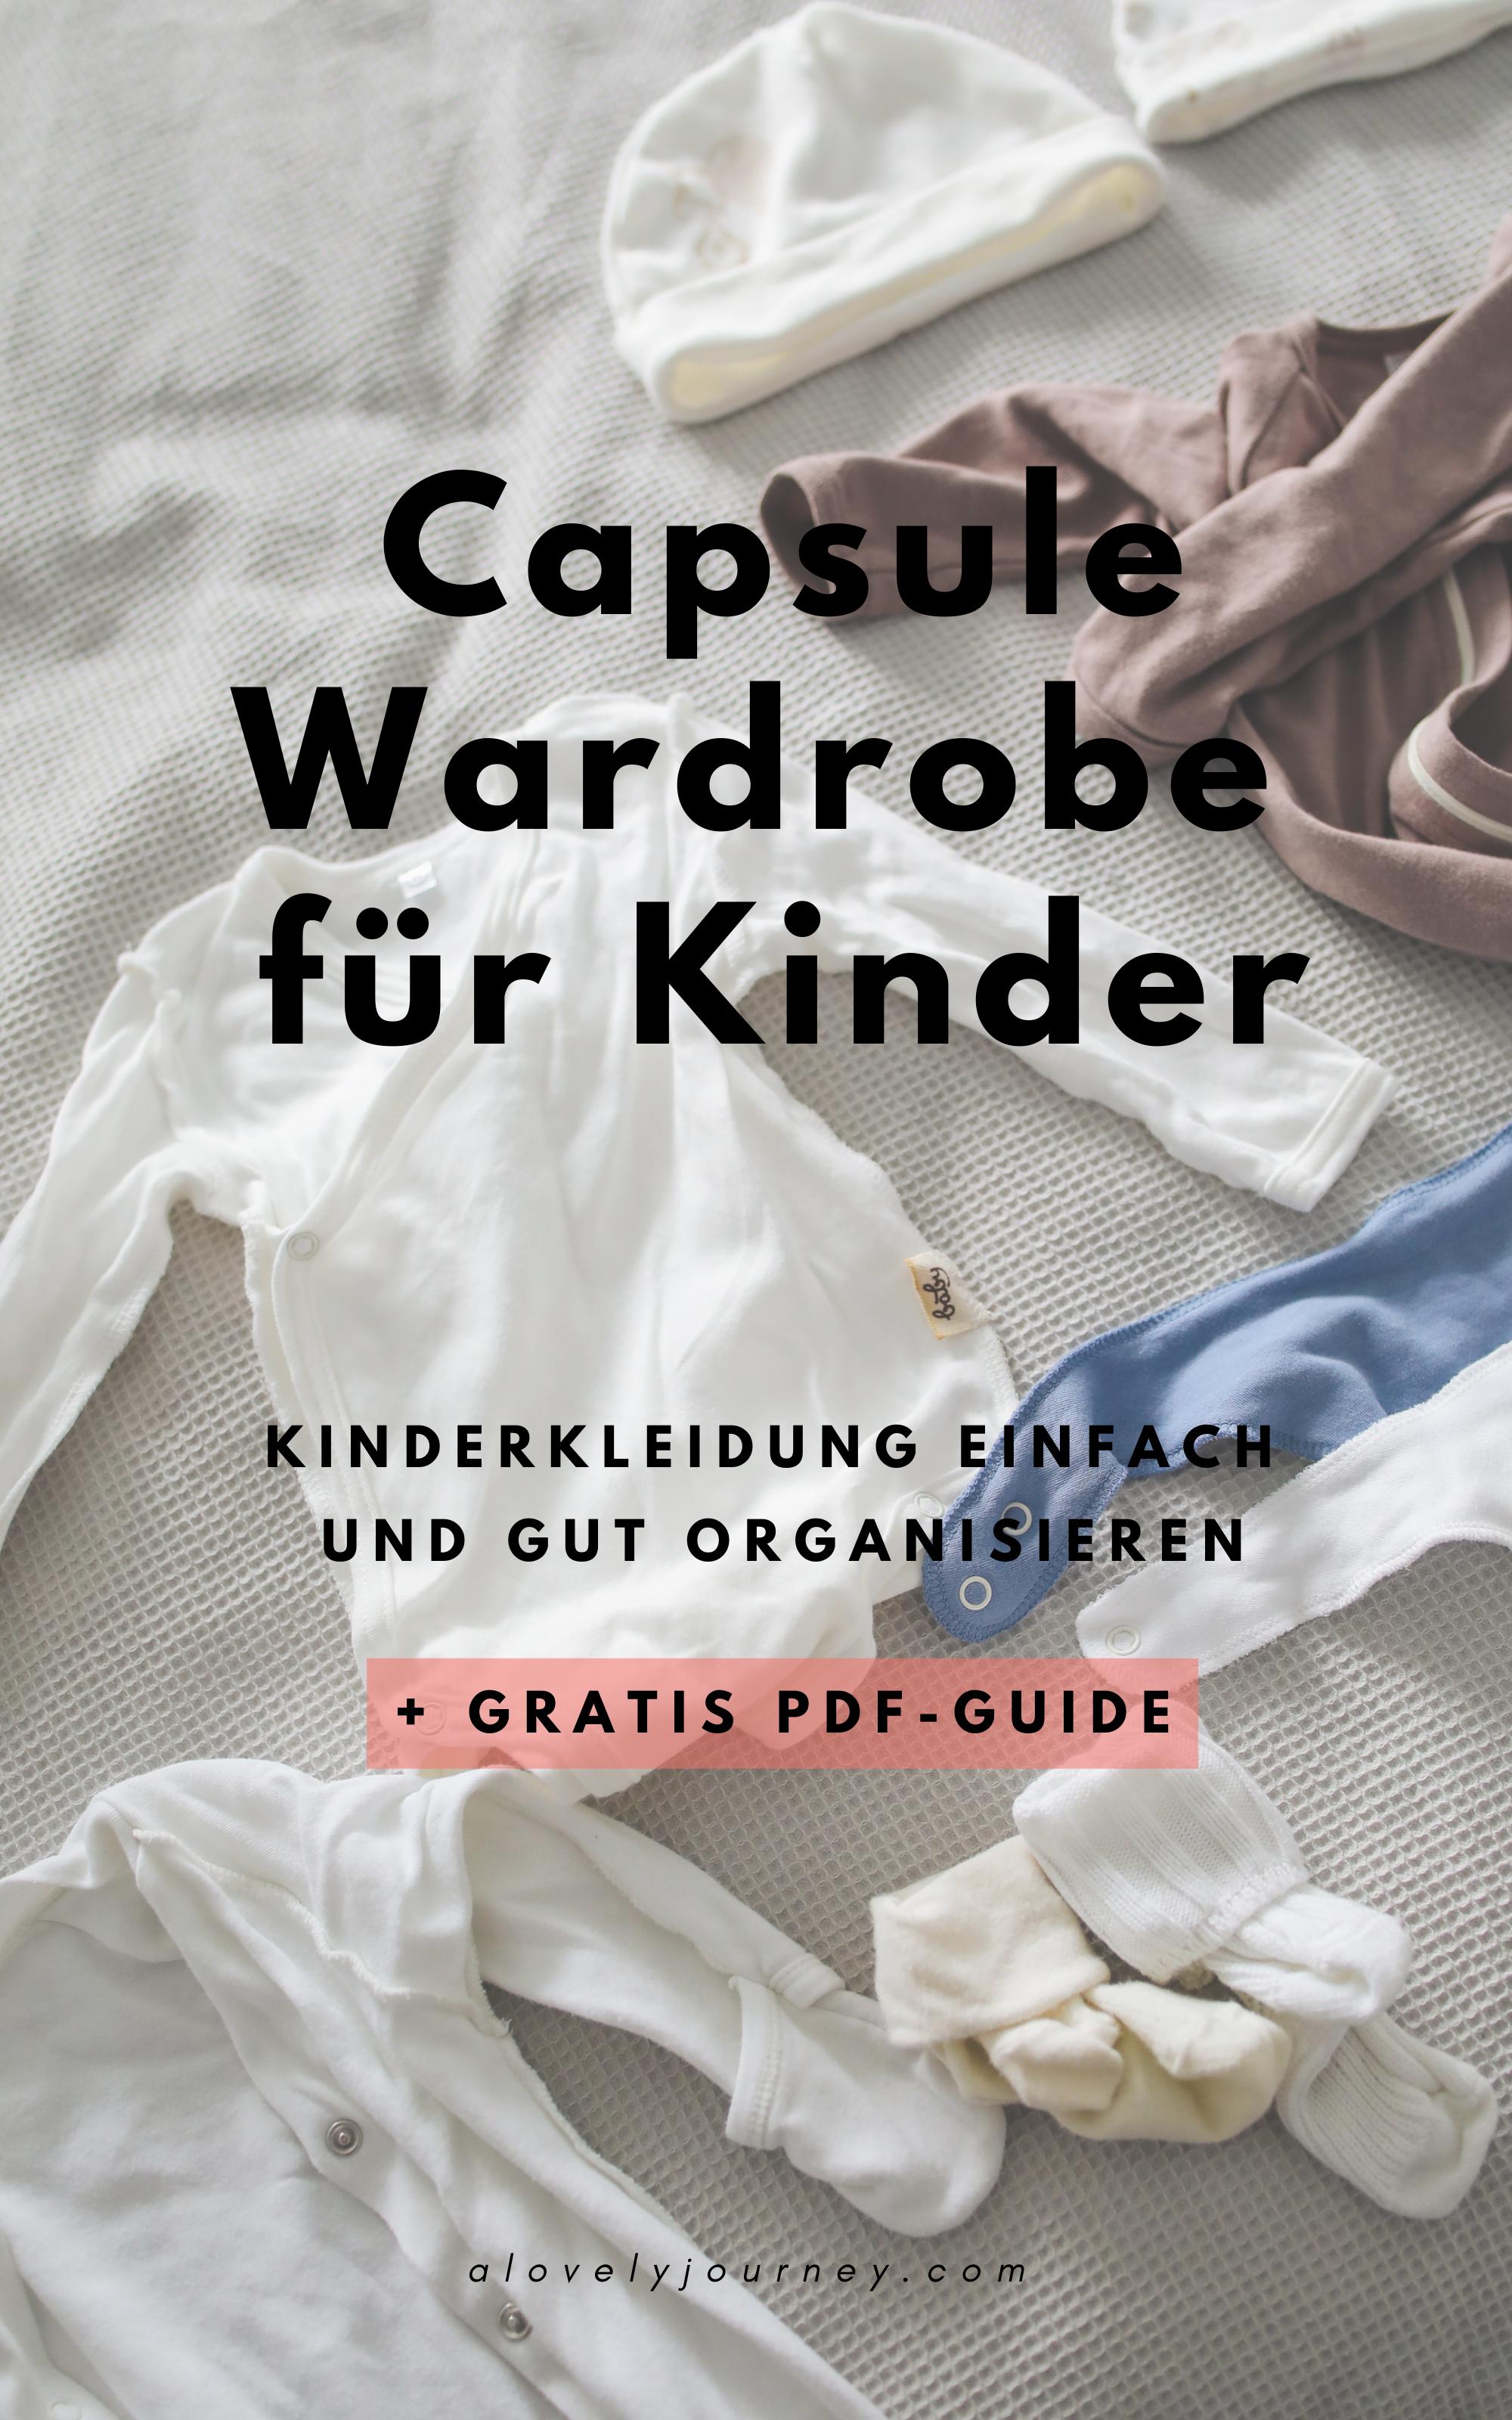 Capsule Wardrobe für Kinder